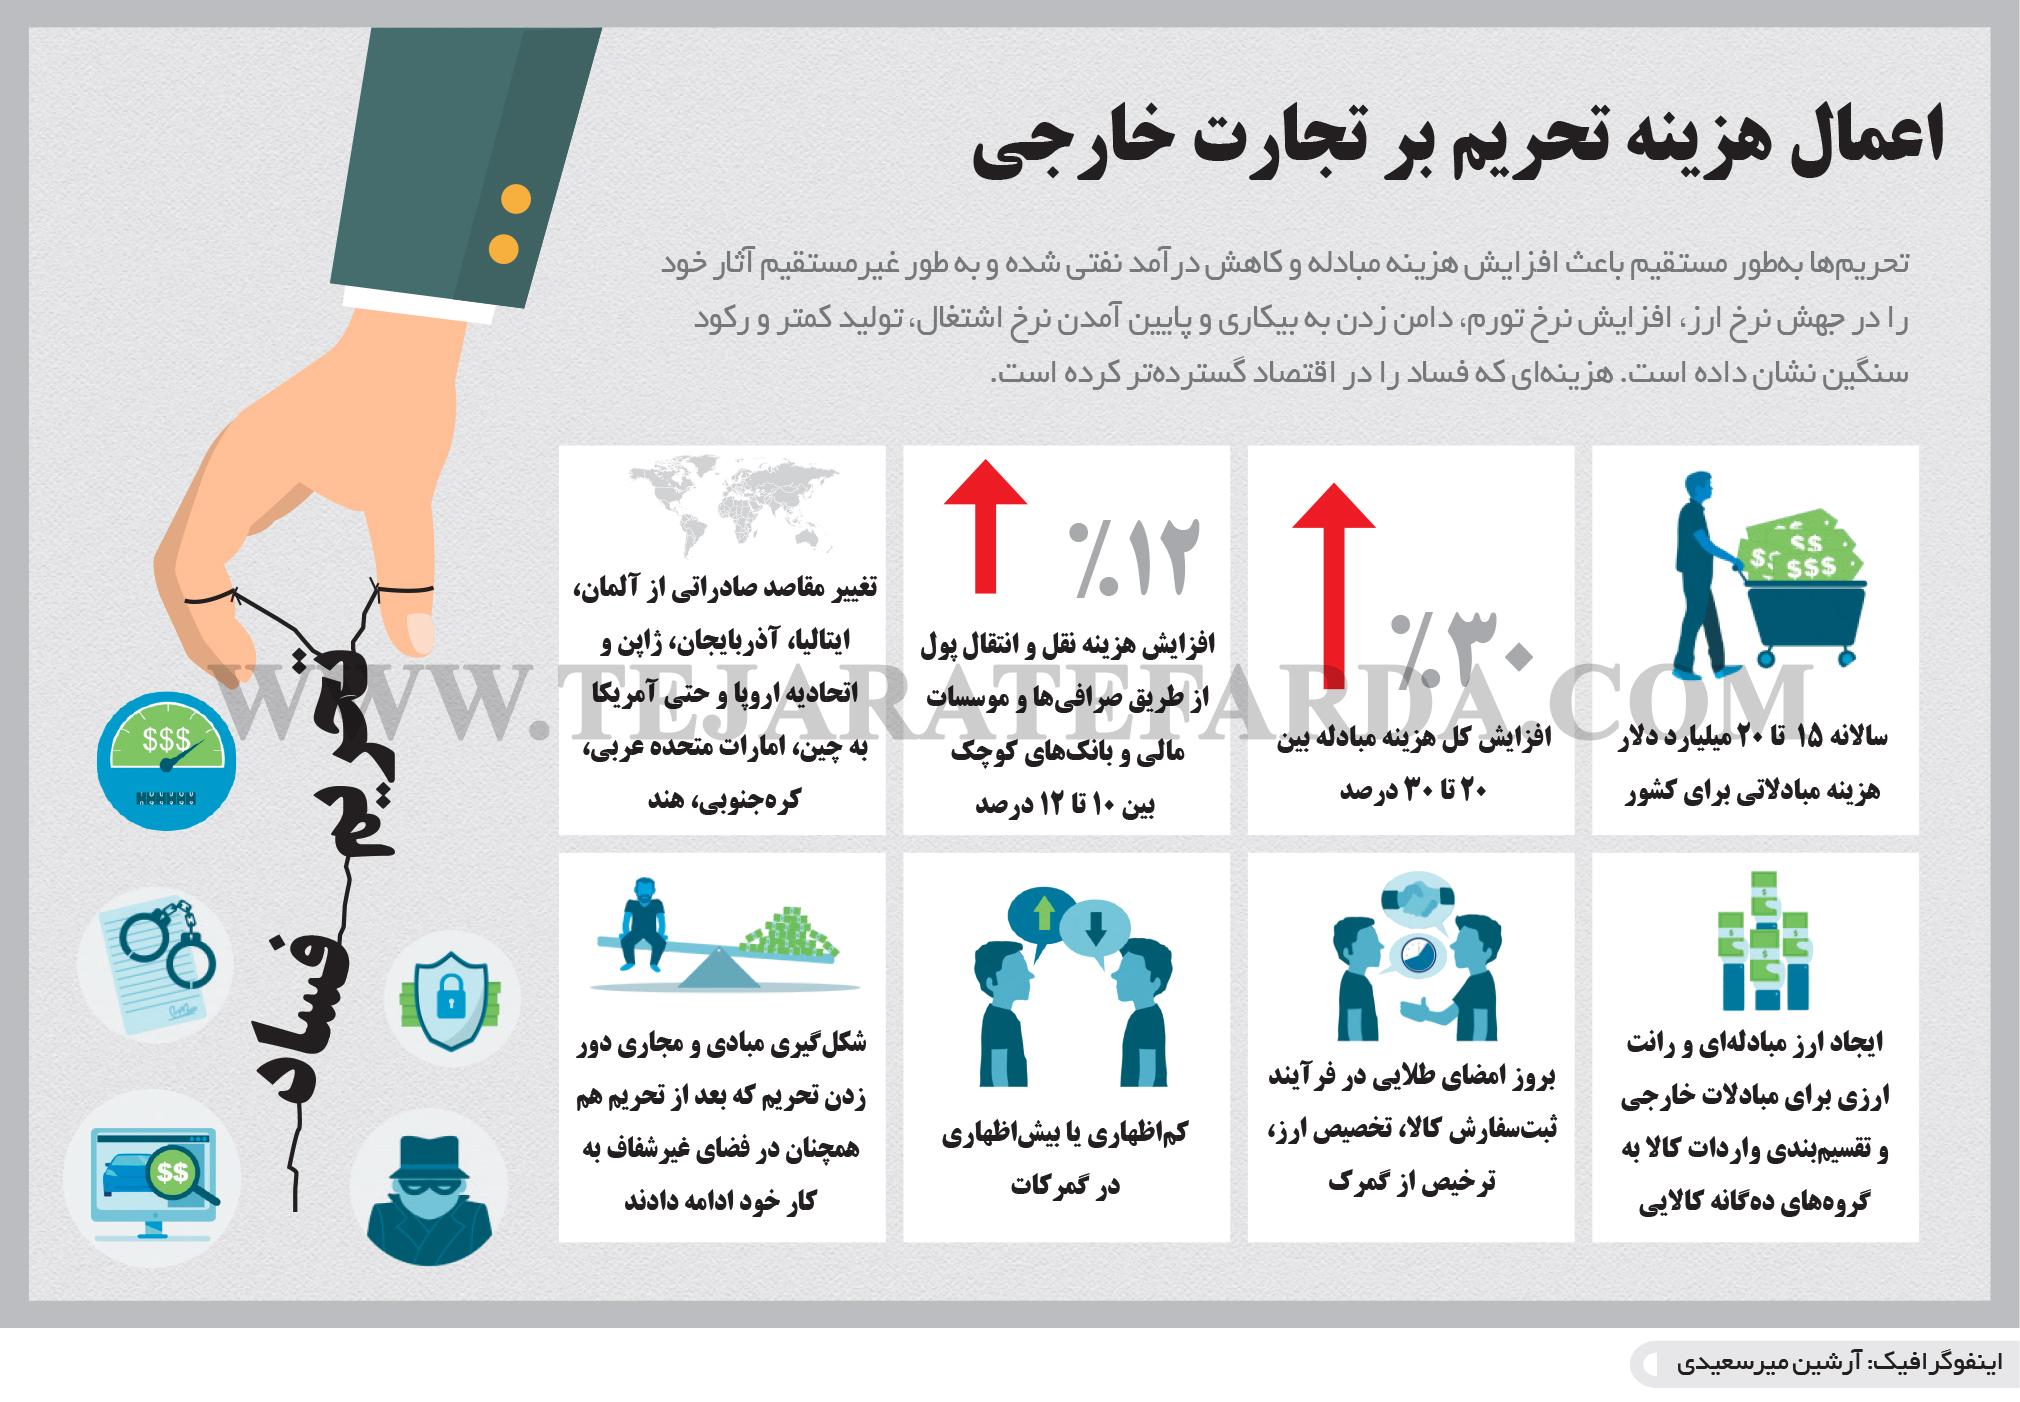 تجارت فردا-اینفوگرافیک- اعمال هزینه تحریم بر تجارت خارجی